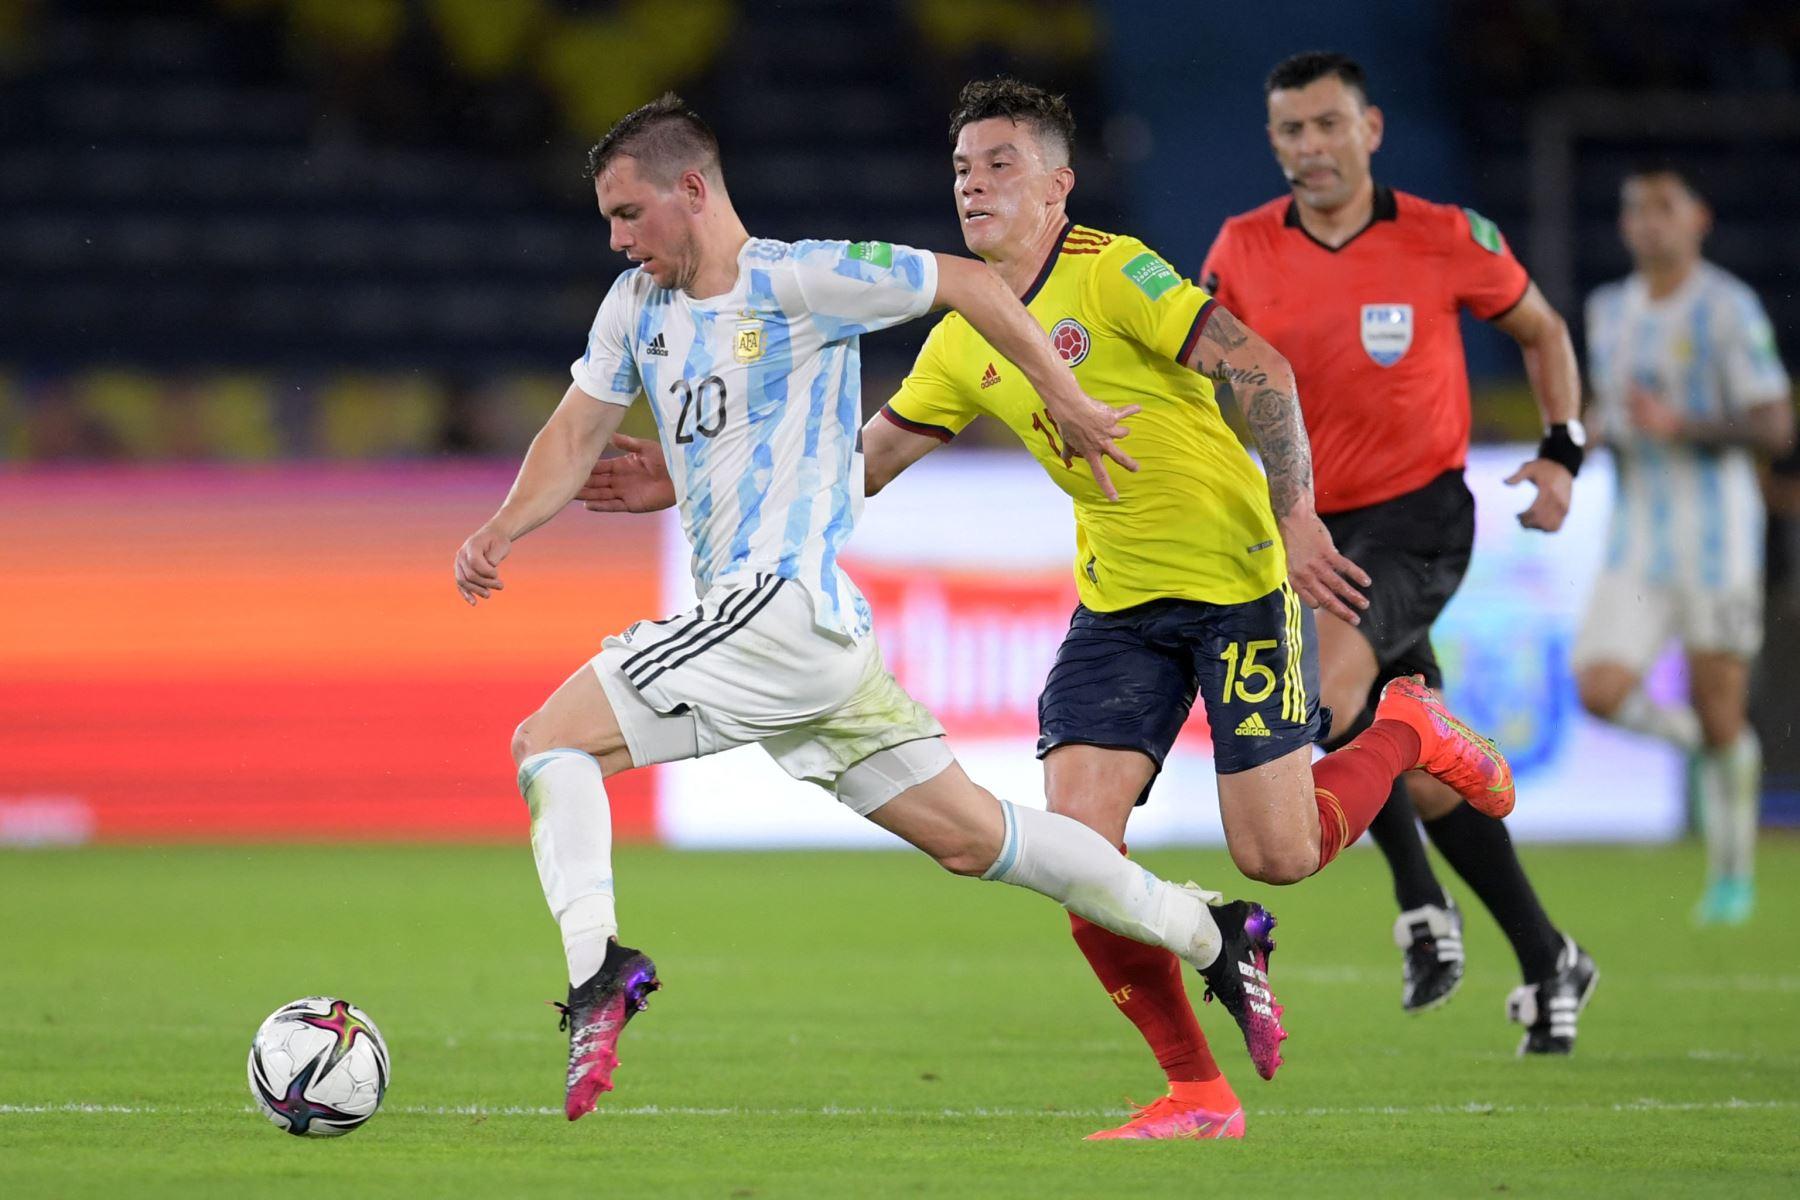 El argentino Giovani Lo Celso y el colombiano Mateus Uribe compiten por el balón durante su partido clasificatorio sudamericano para la Copa Mundial de la FIFA Qatar 2022 en el Estadio Metropolitano Roberto Meléndez en Barranquilla, Colombia. Foto: AFP